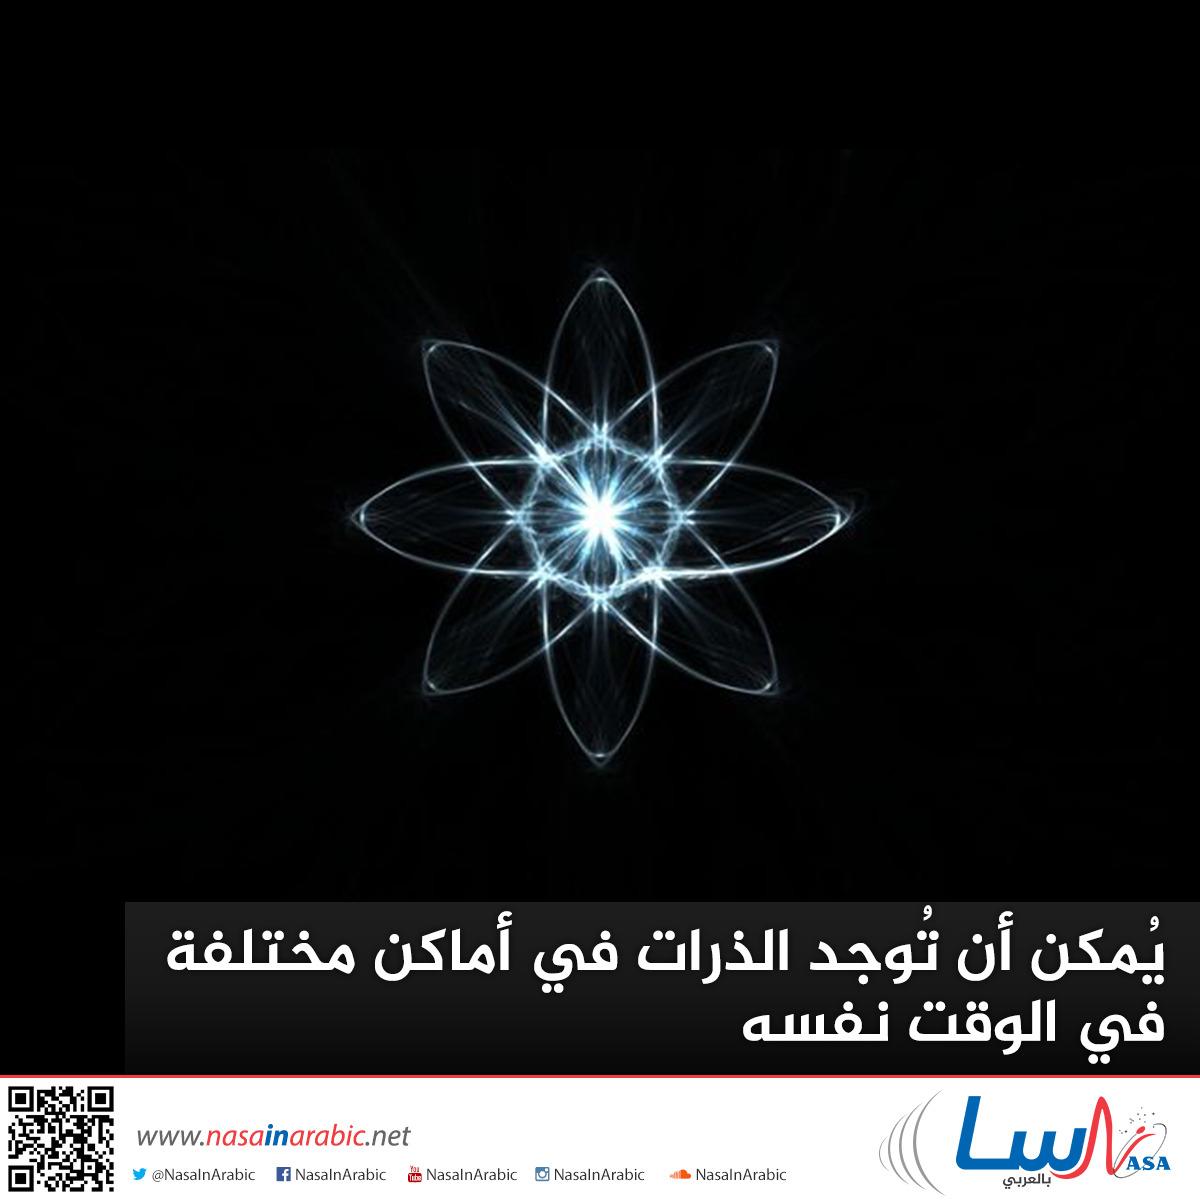 يُمكن أن تُوجد الذرات في أماكن مختلفة في الوقت نفسه